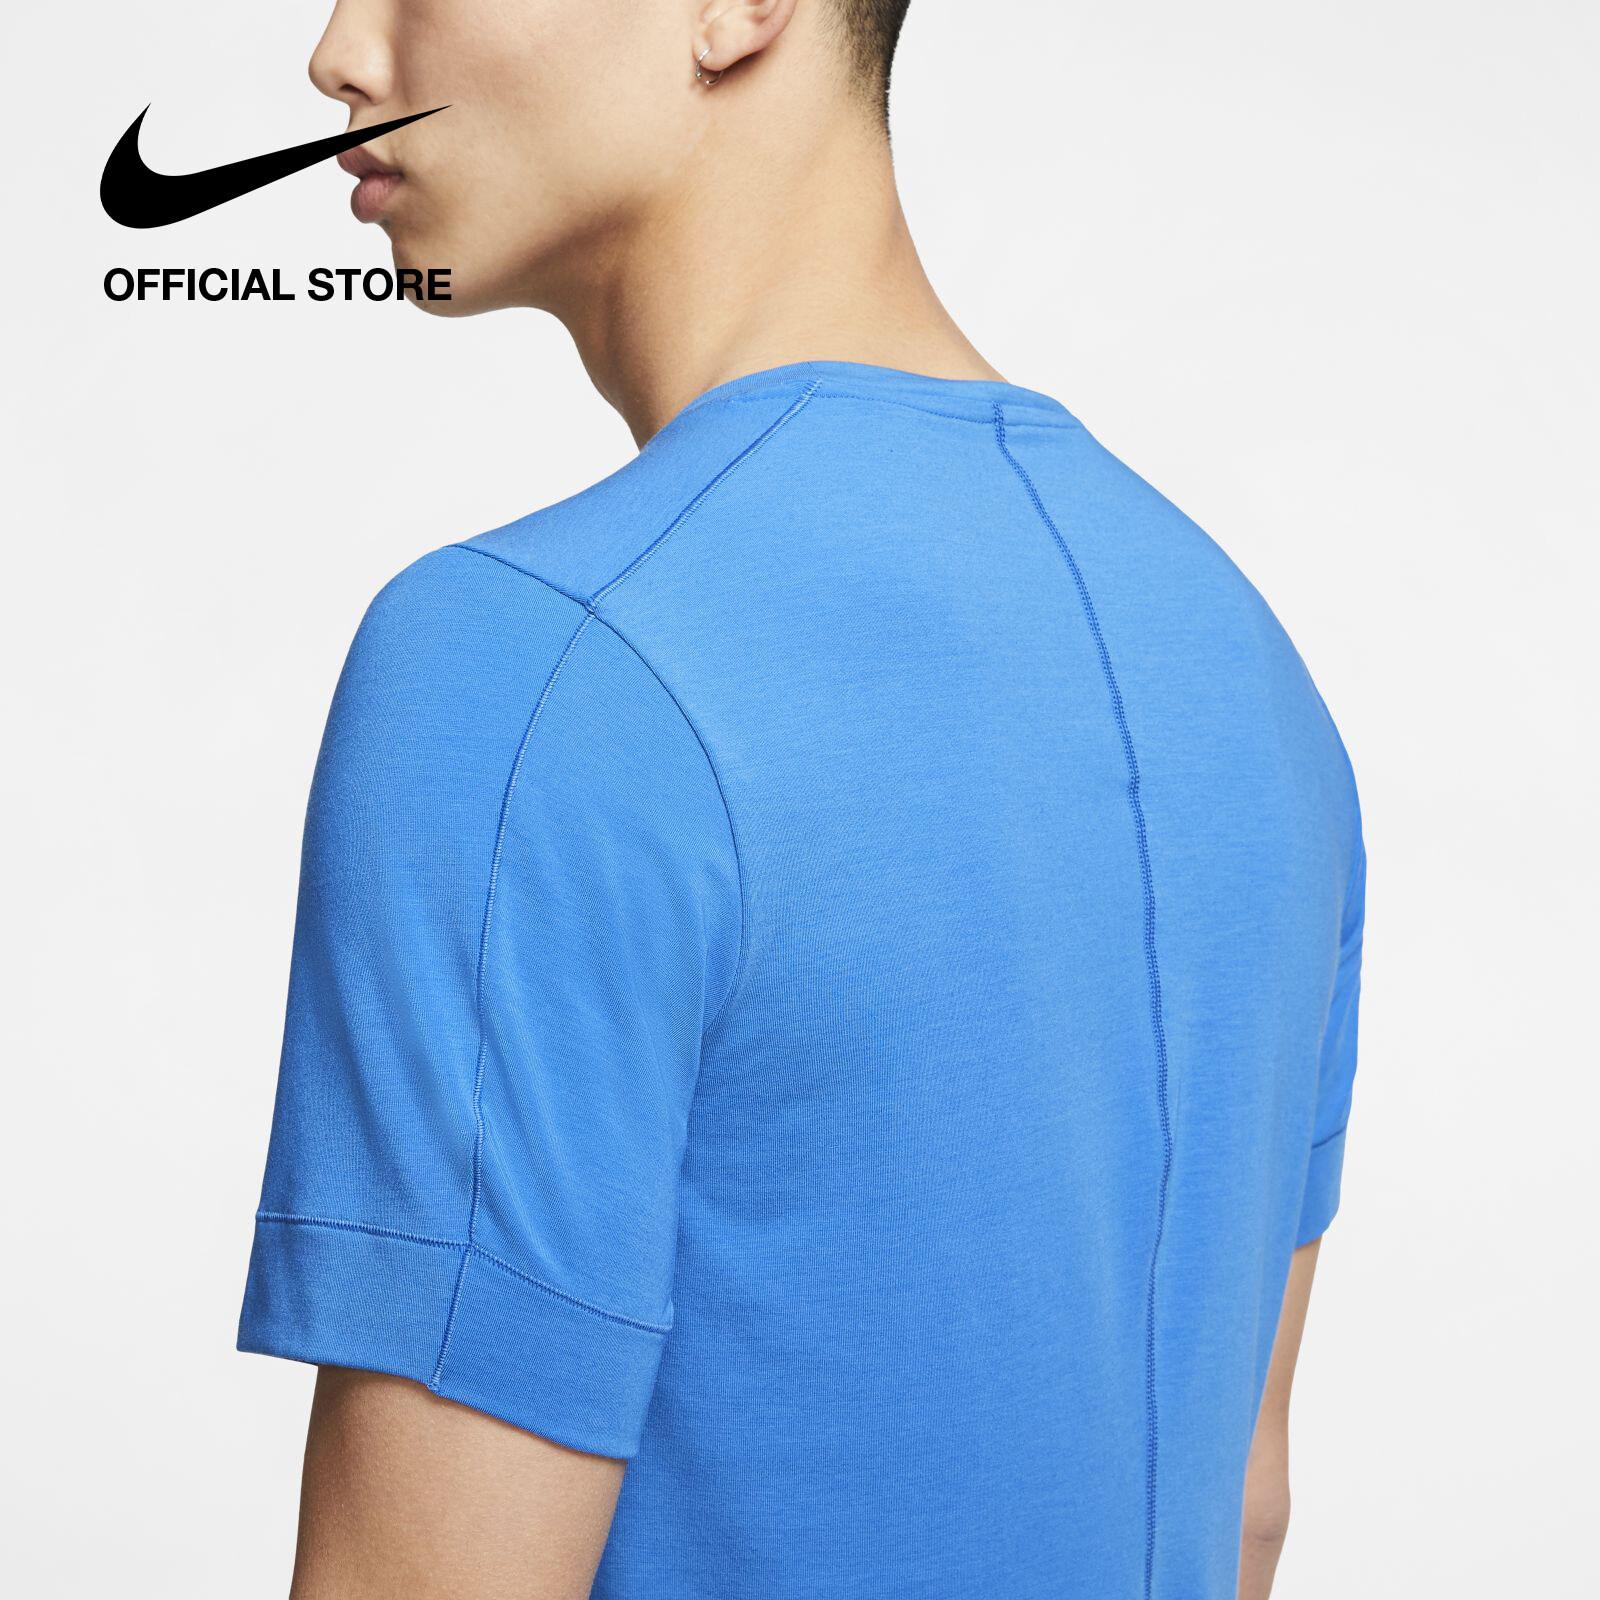 Nike Men's Yoga Short-Sleeve Top - Blue ไนกี้ เสื้อโยคะแขนสั้นผู้ชาย - สีฟ้า